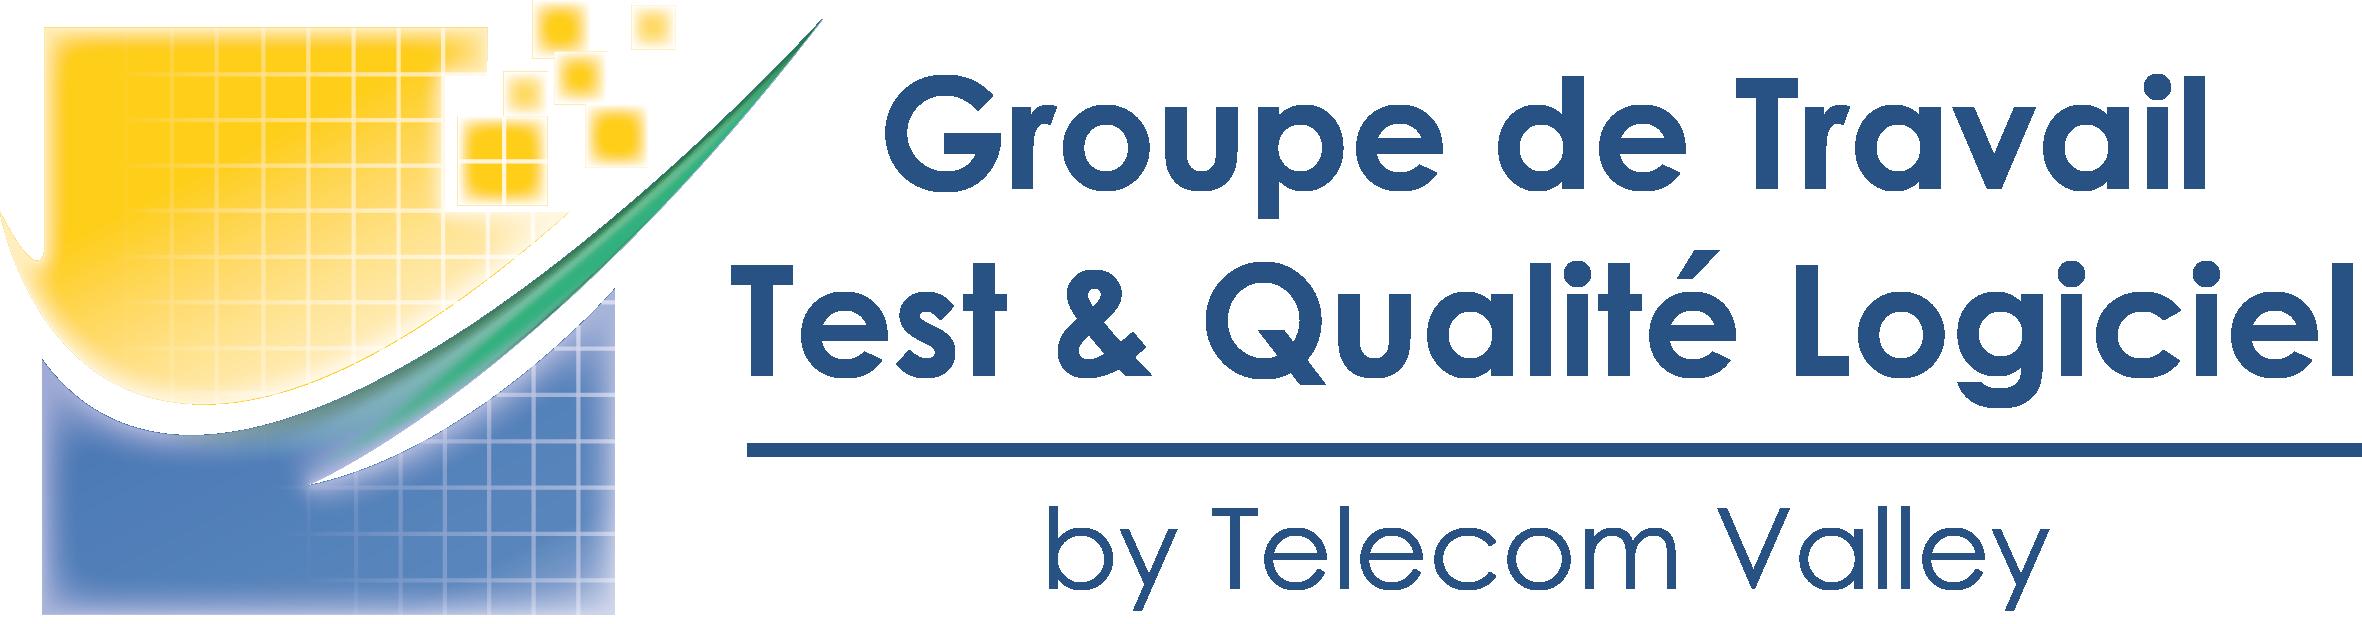 18 janvier – GT Test & Qualité Logiciel